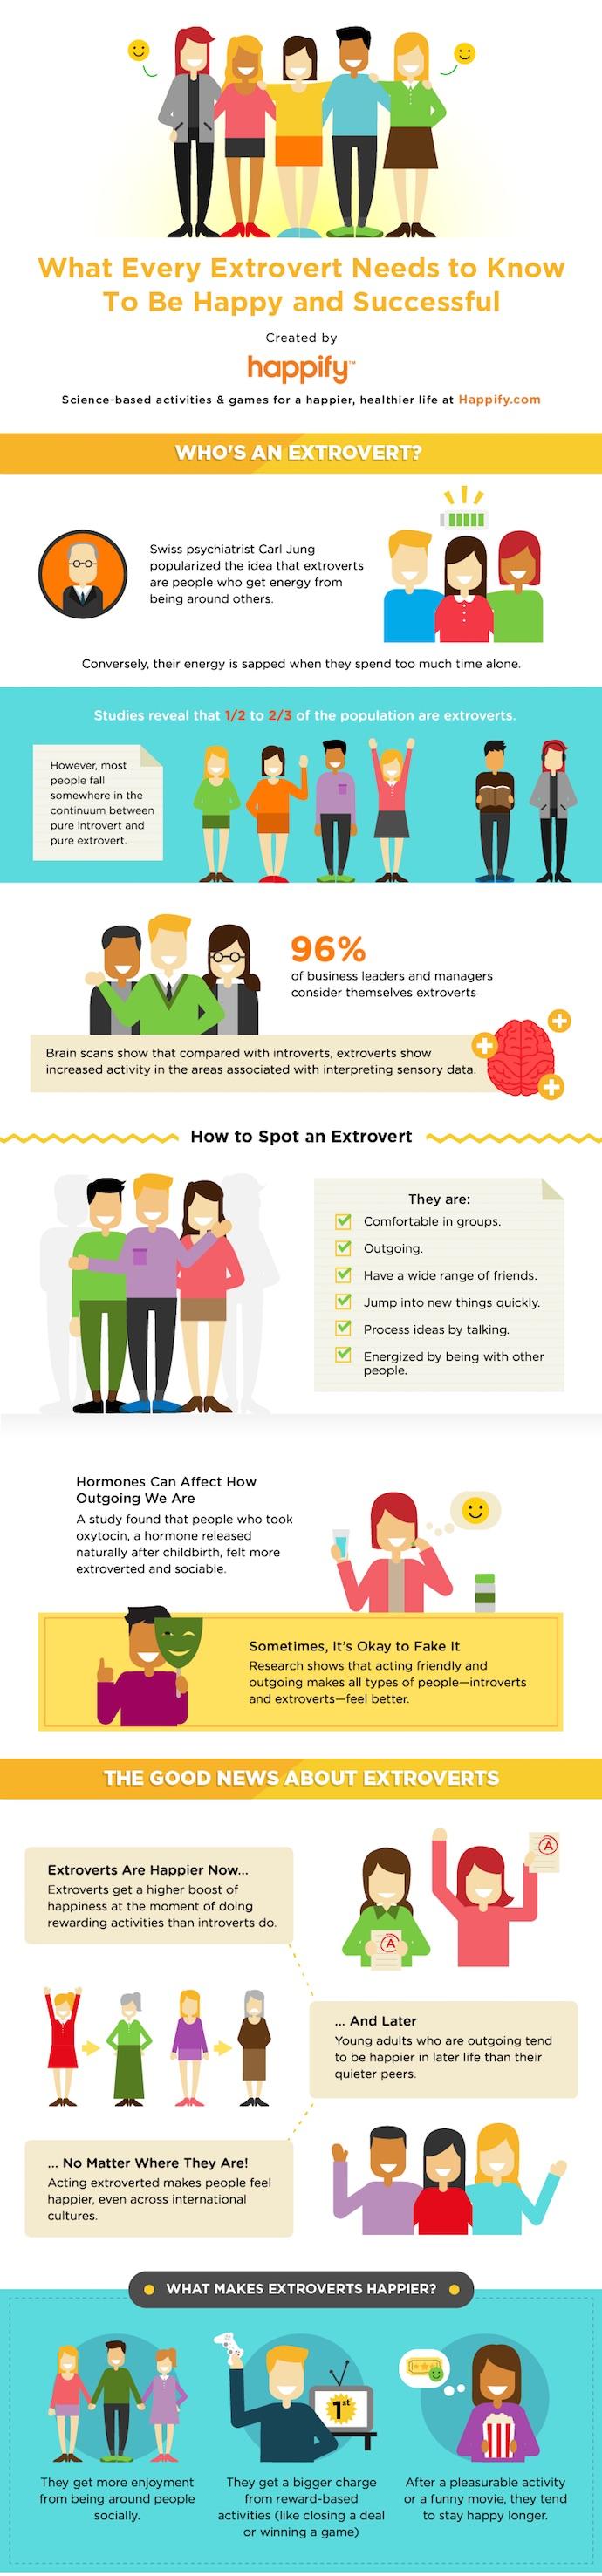 extravret infographic